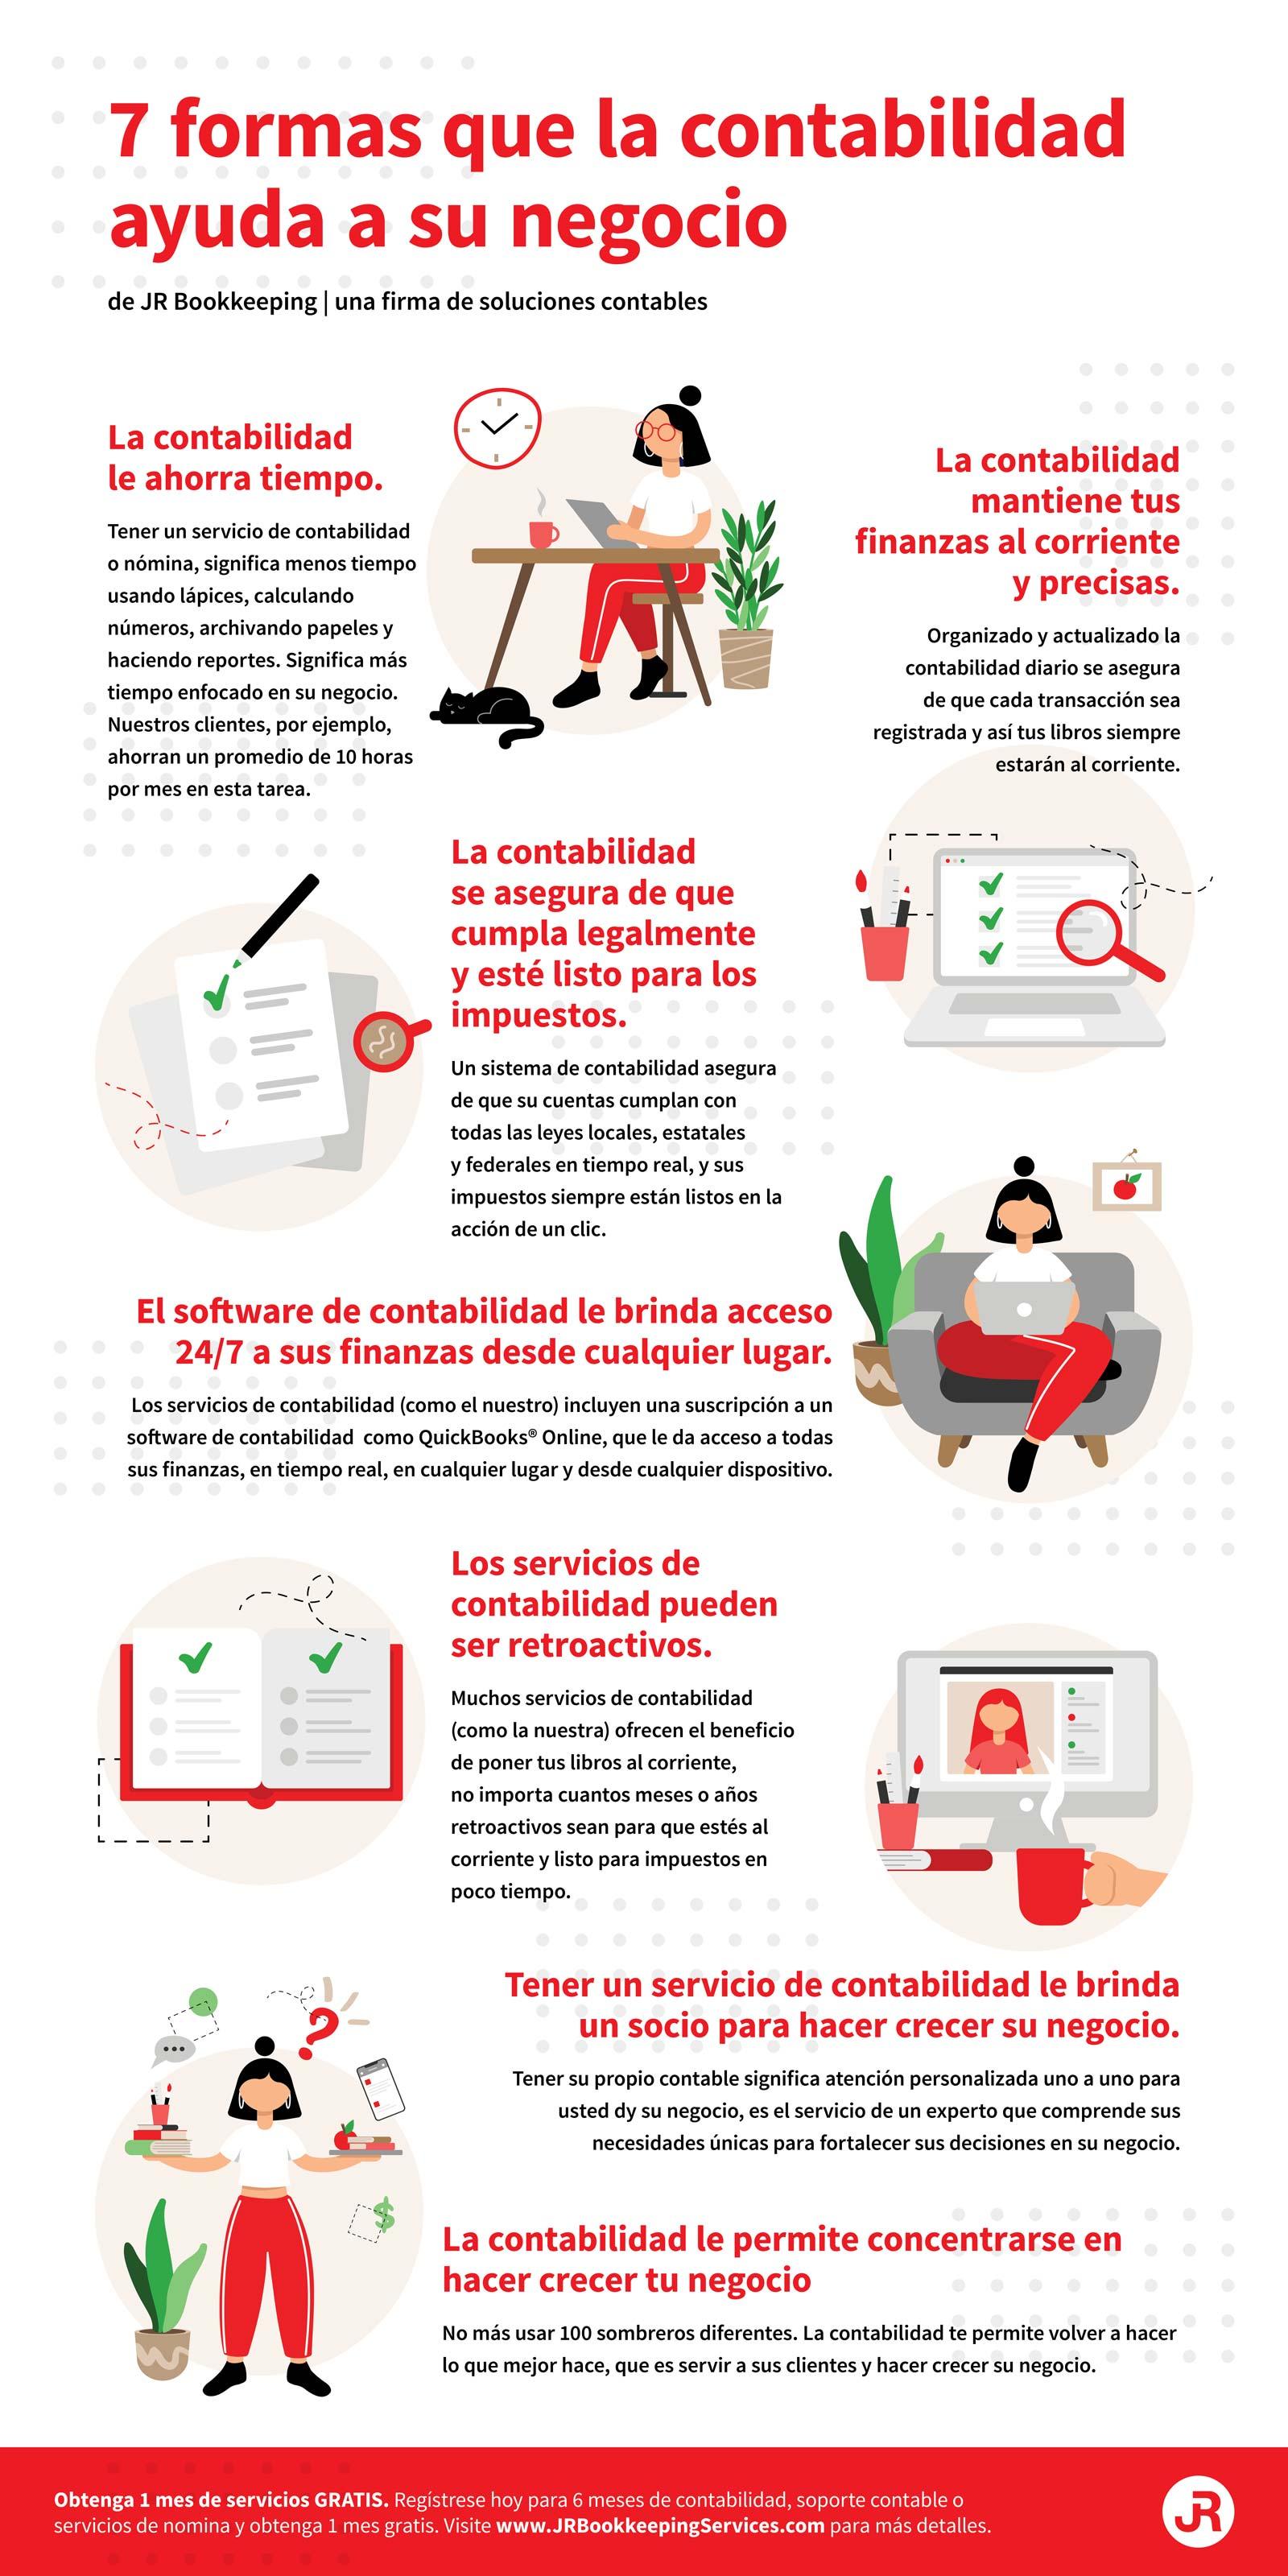 7 maneras contabilidad ayuda negocios infographia rev